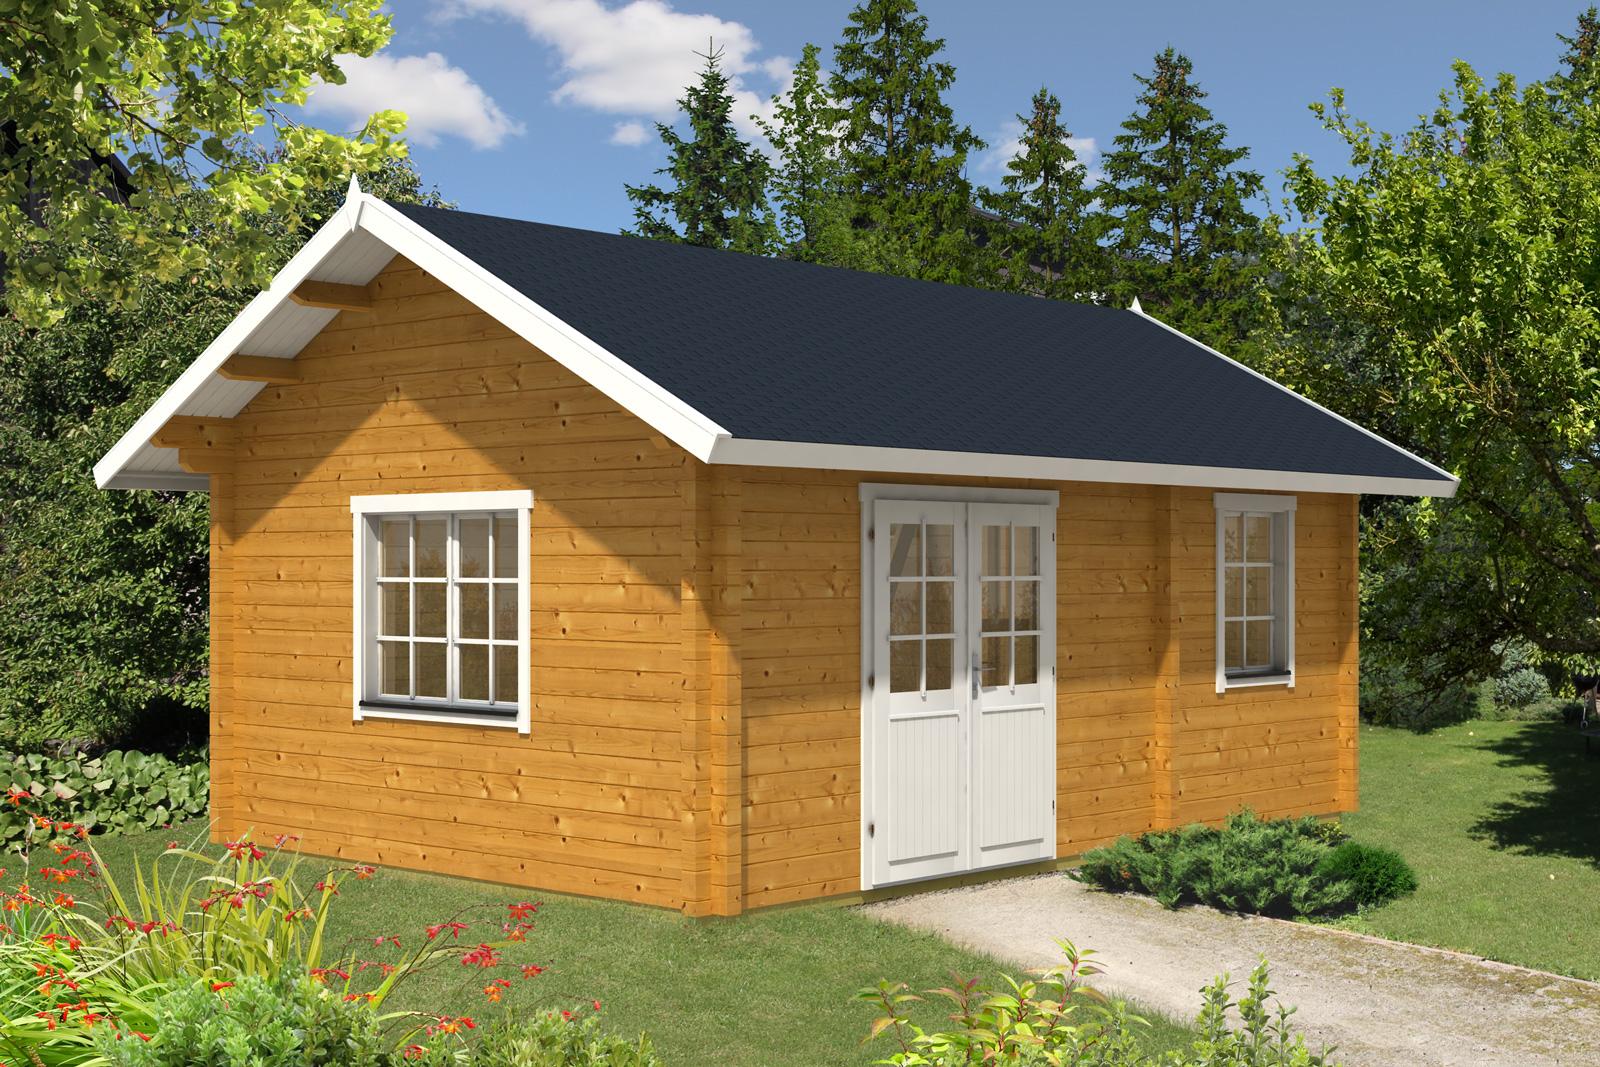 gartenhaus mit satteldach aus holz jetzt bis zu 50 reduziert. Black Bedroom Furniture Sets. Home Design Ideas